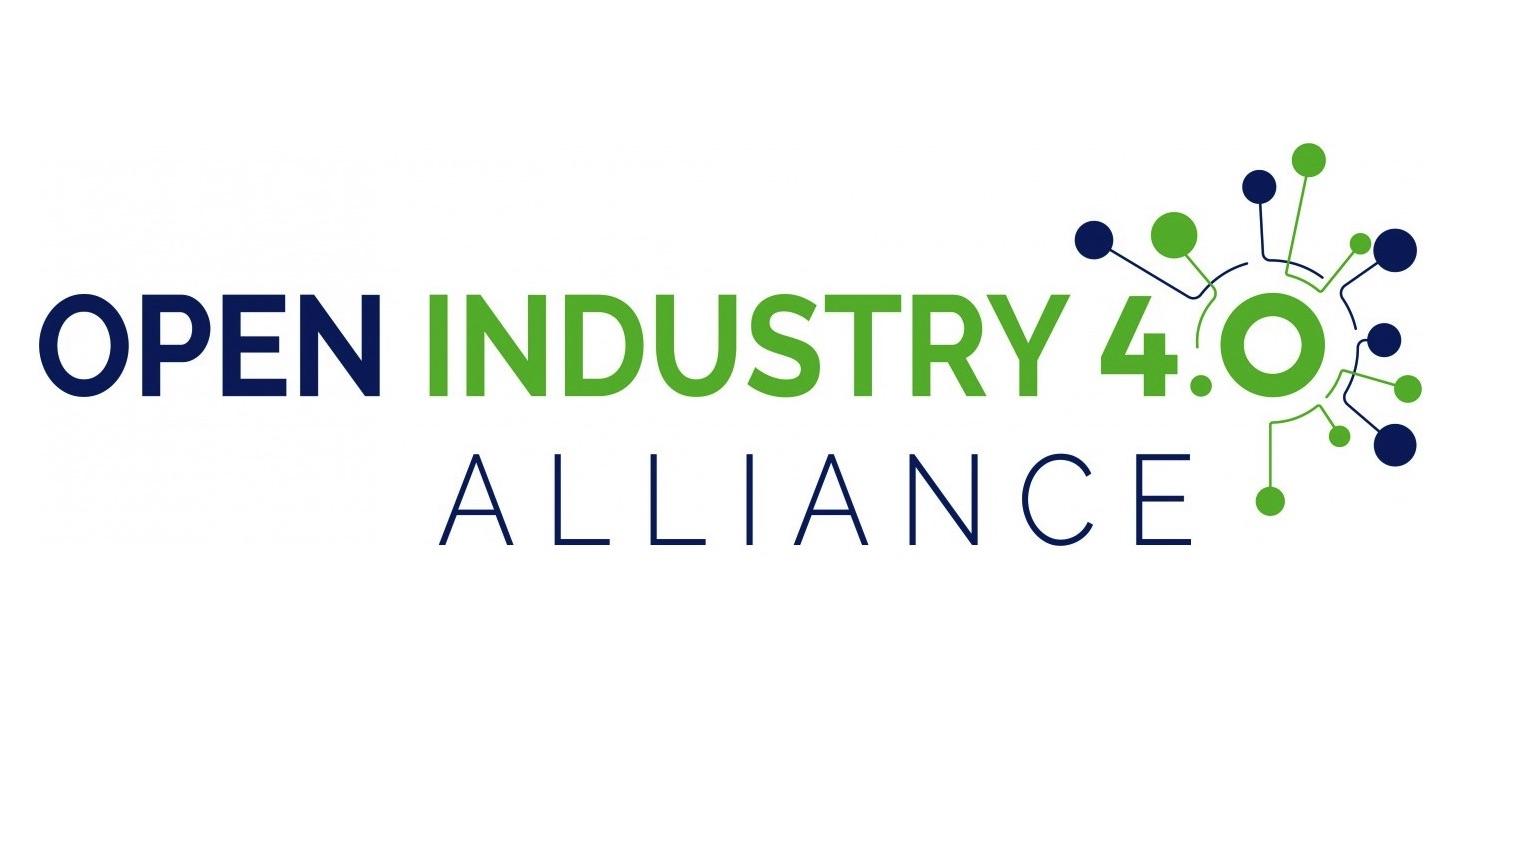 Open Industry 4.0 Alliance